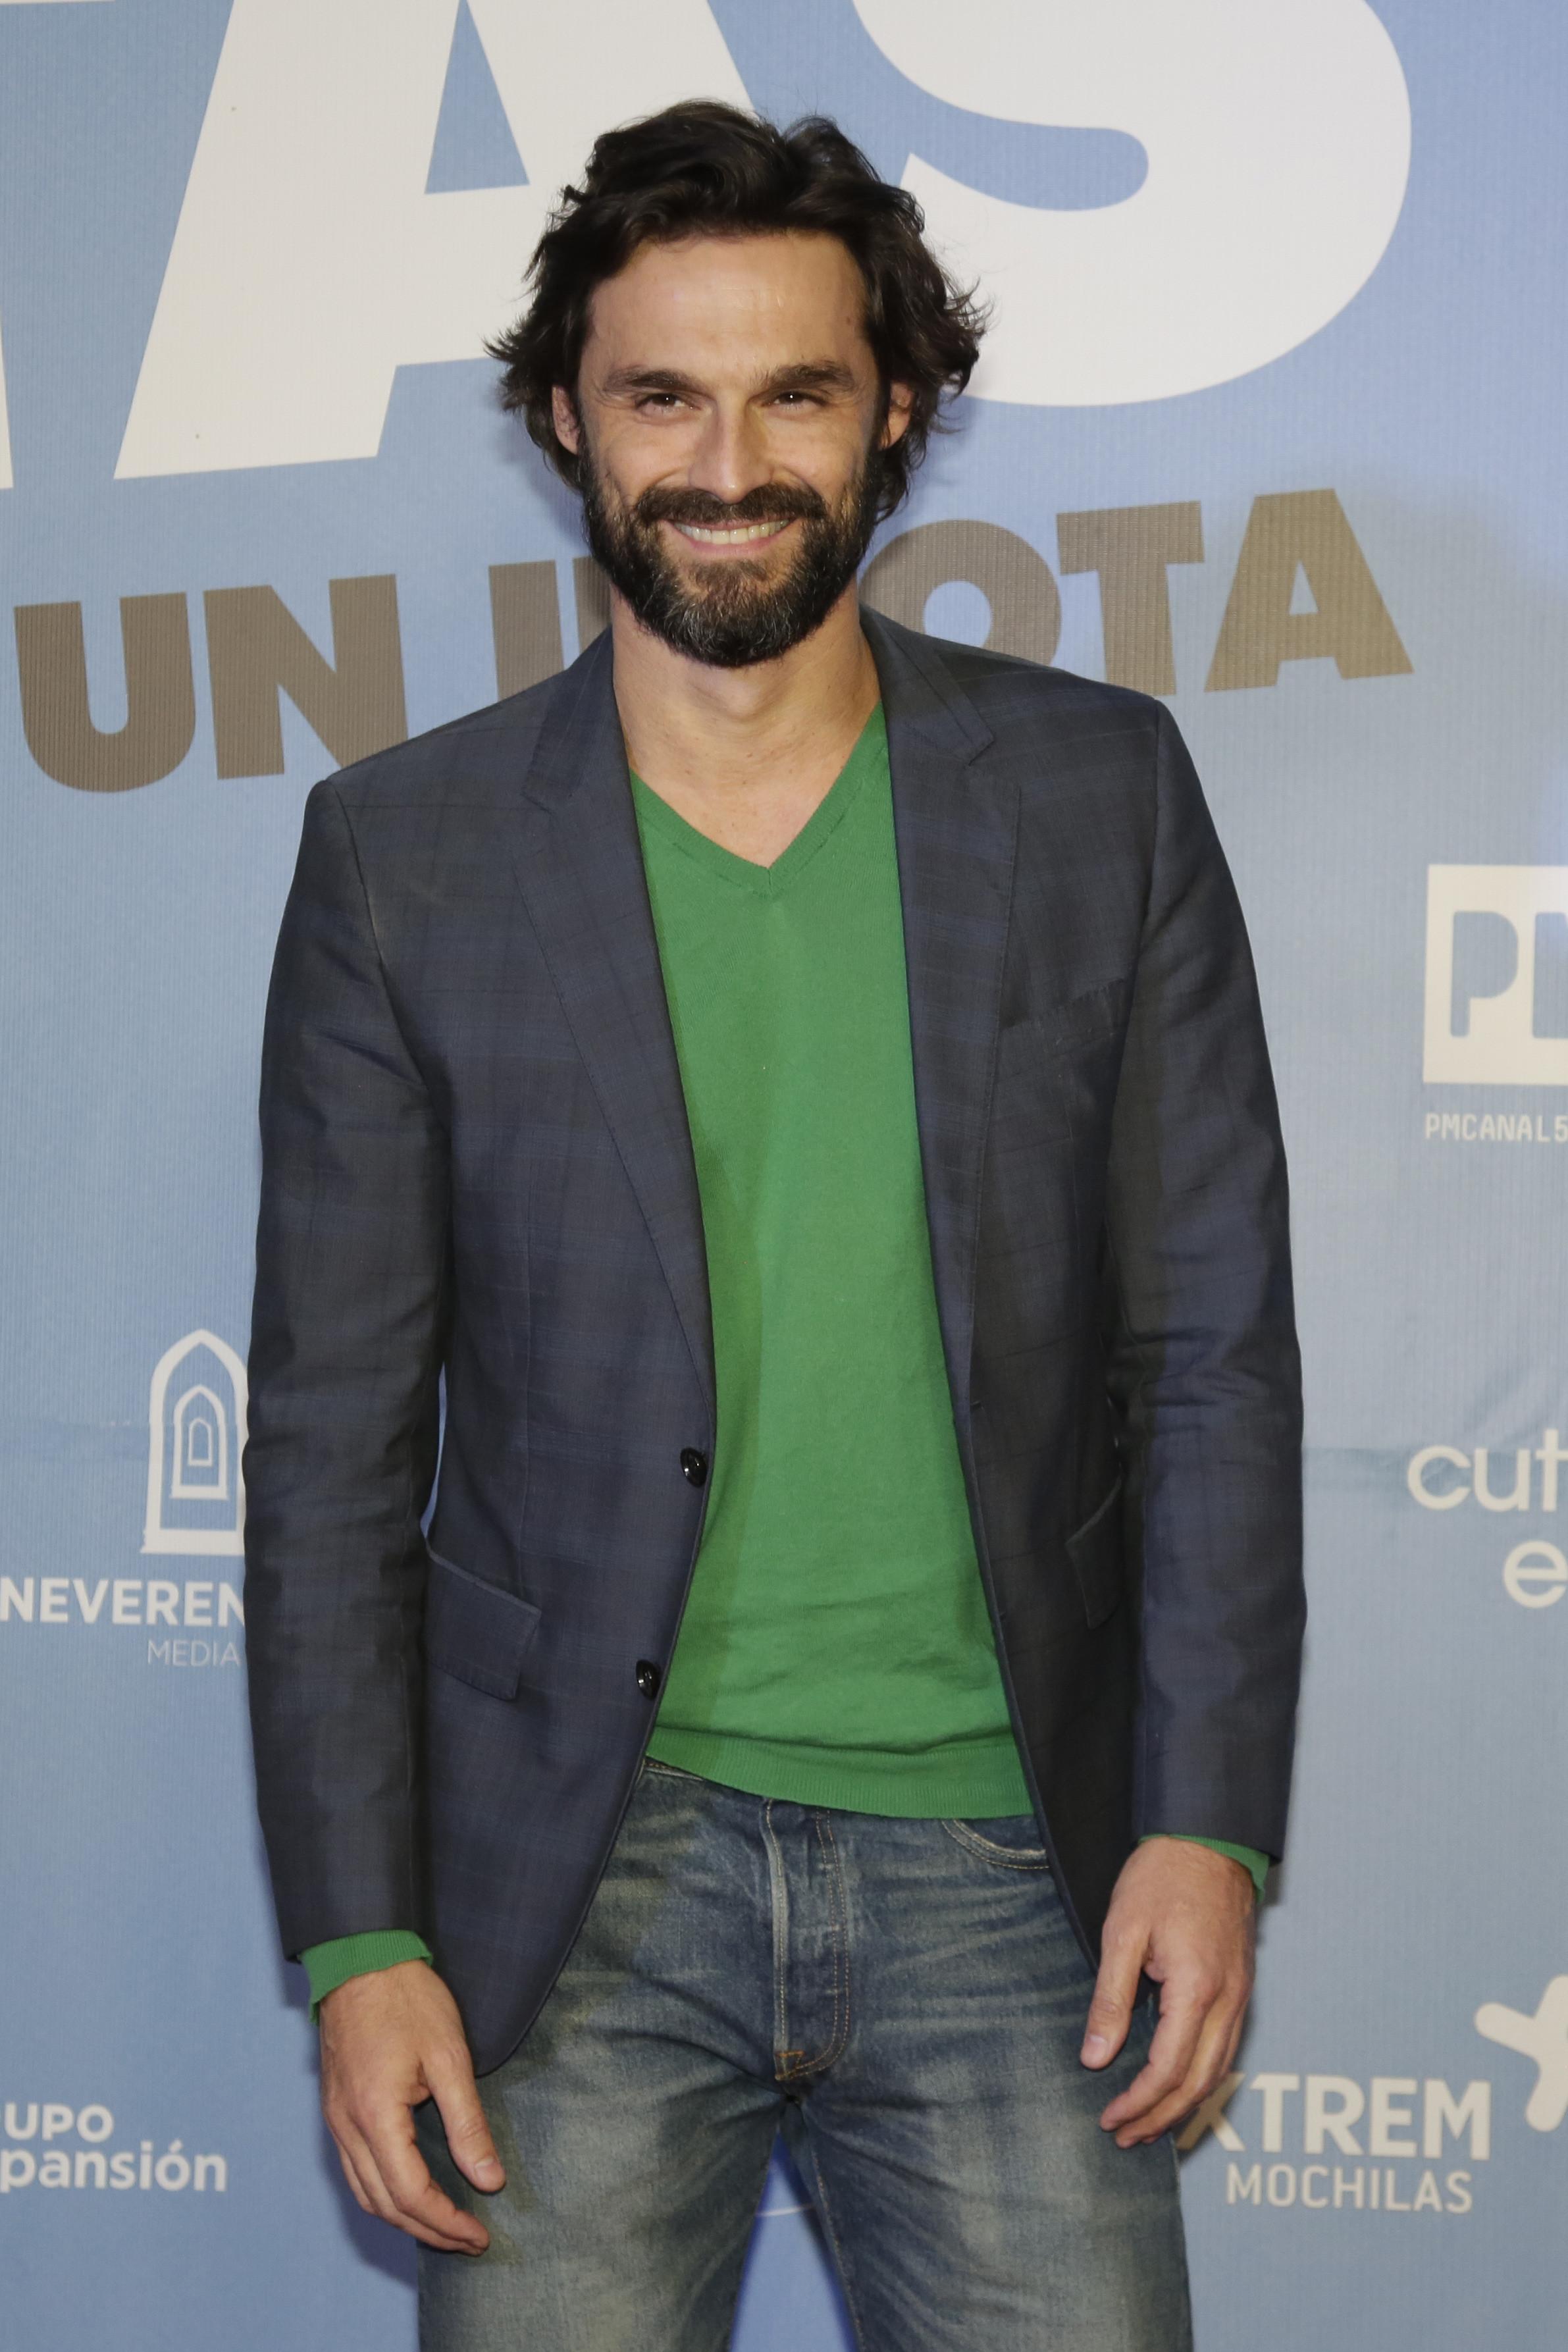 Ivan Sánchez